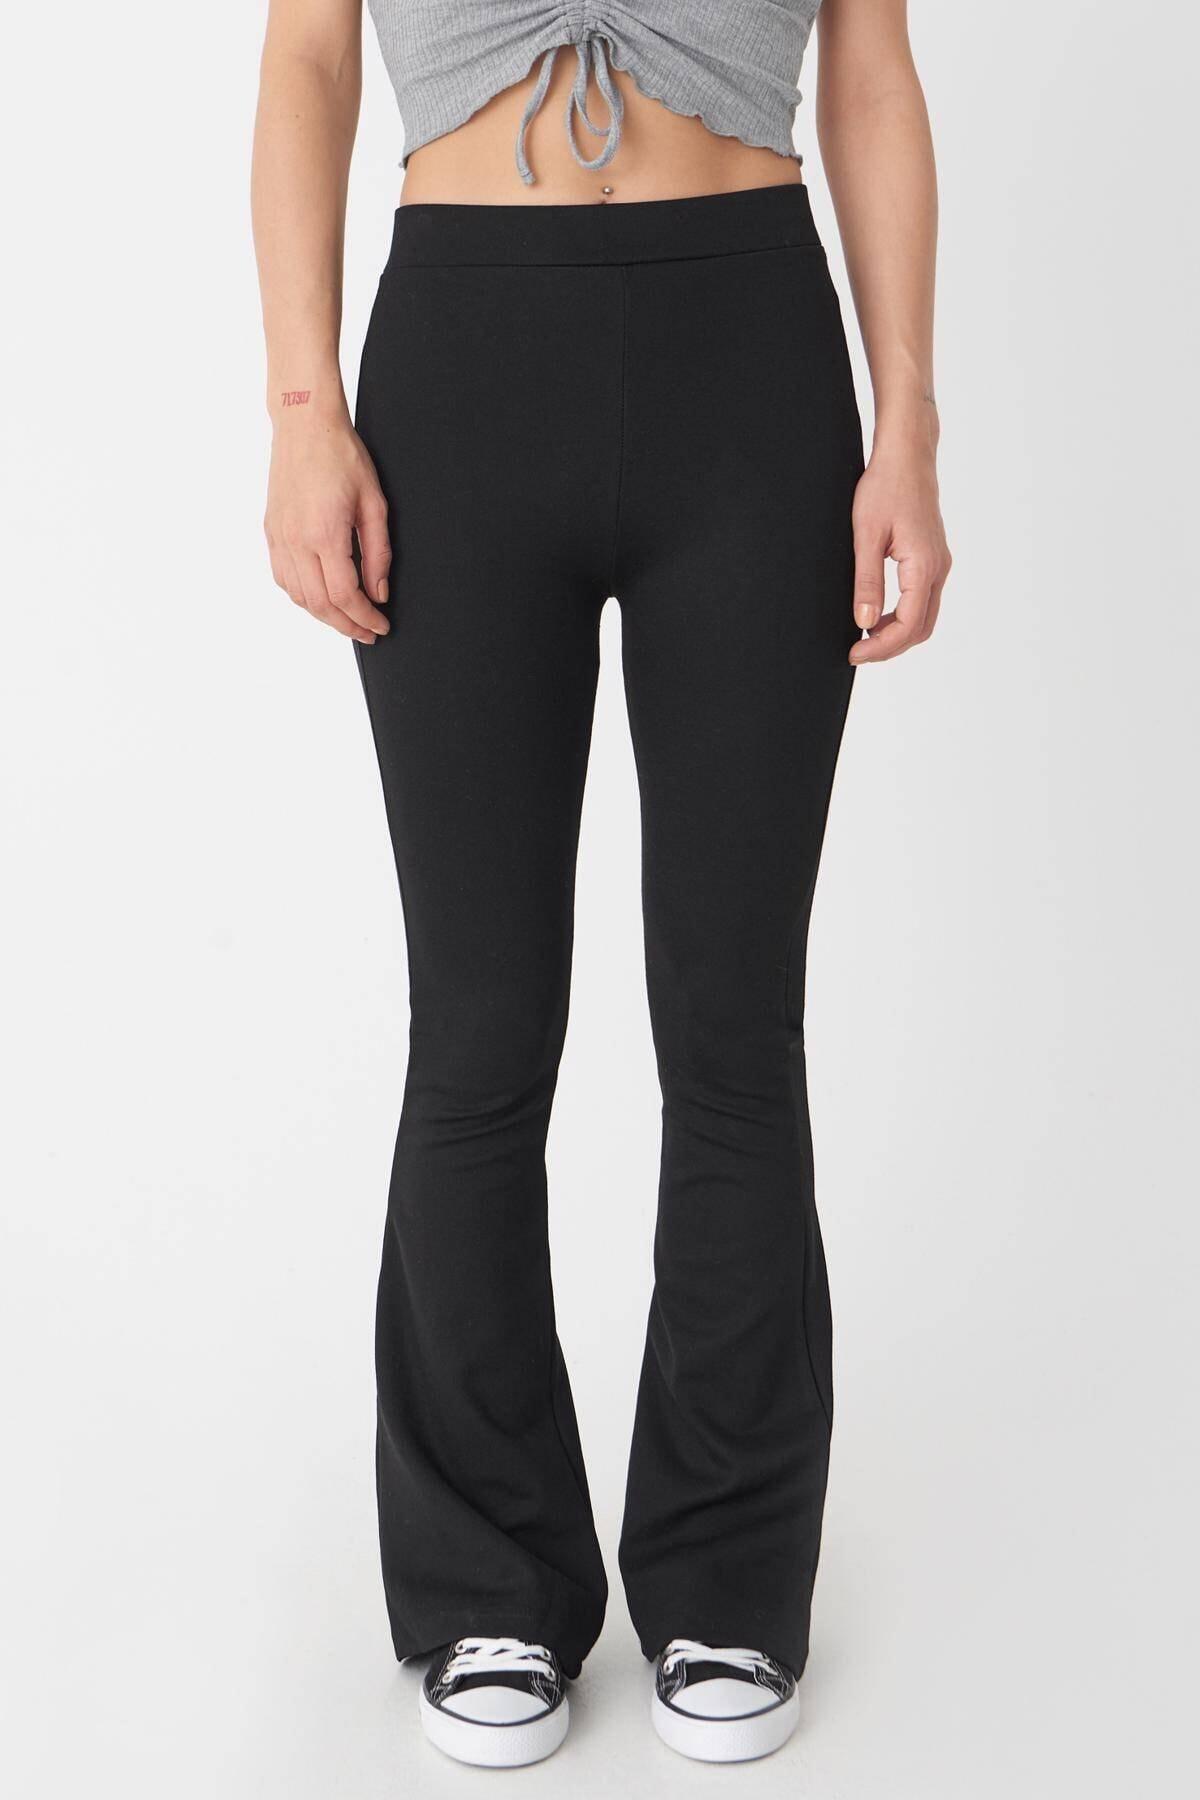 Addax Kadın Siyah İspanyol Paça Tayt Pantolon 1